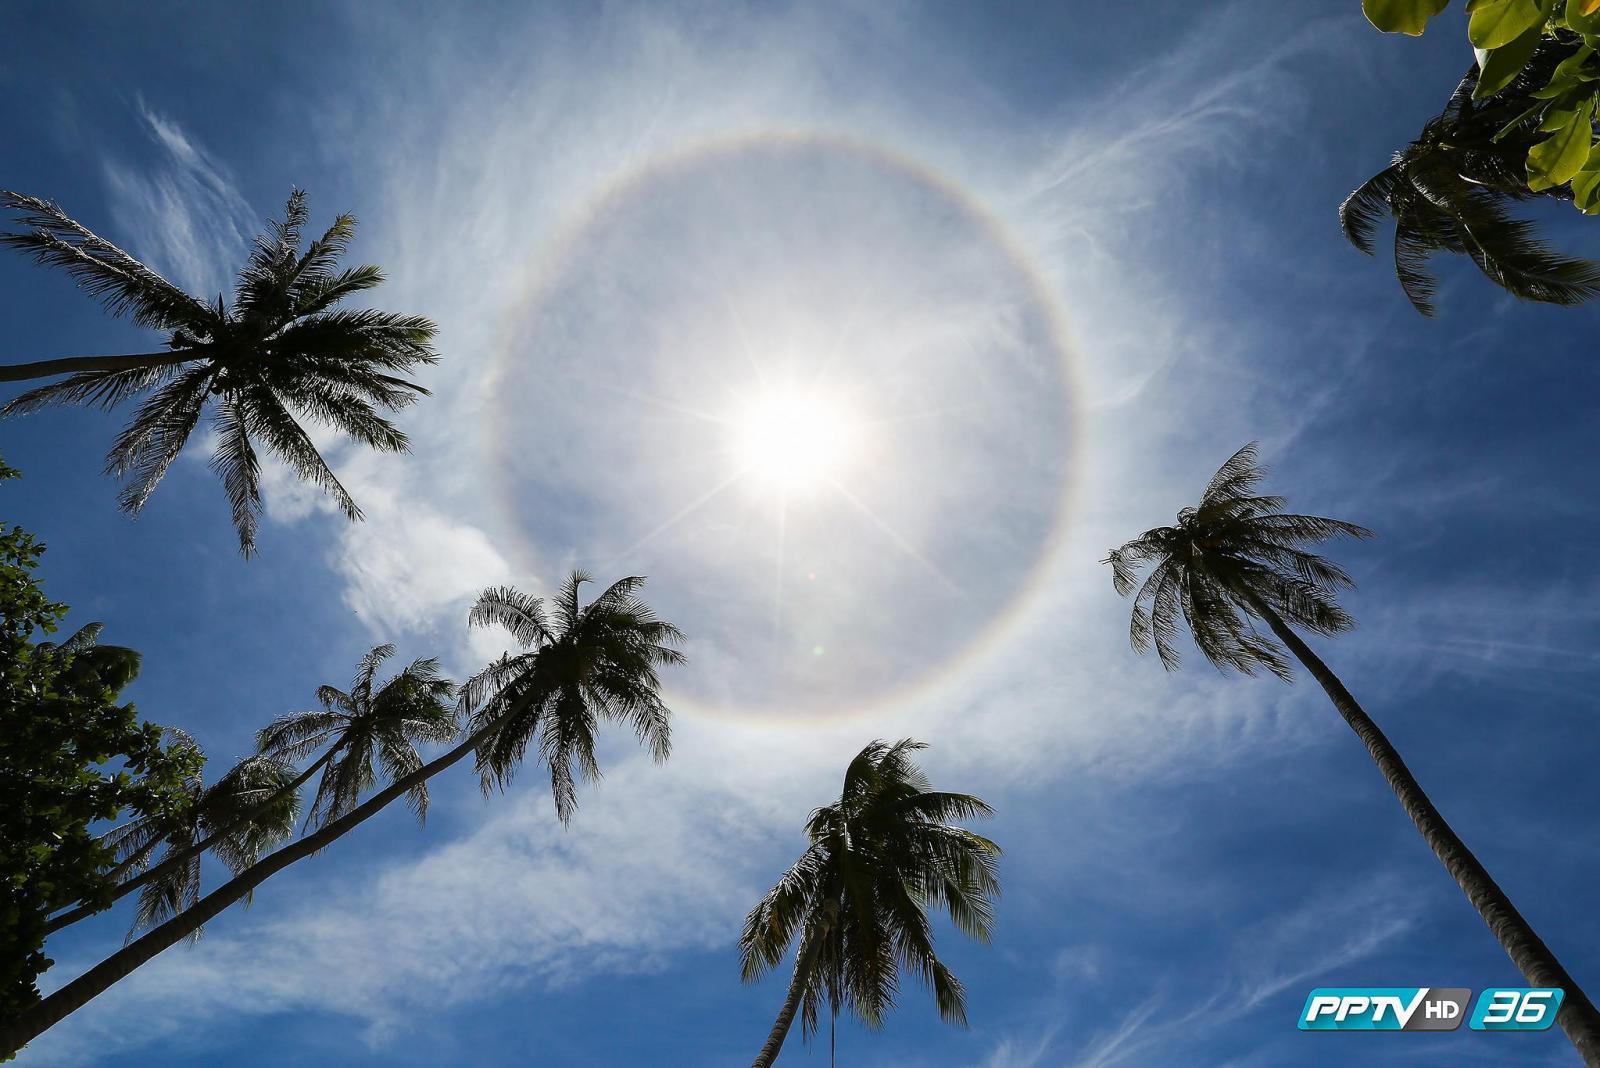 อุตุฯ เตือน กทม.อากาศร้อนอุณหภูมิสูงสุด 39 องศา -ฝนตกร้อยละ 20 ของพื้นที่